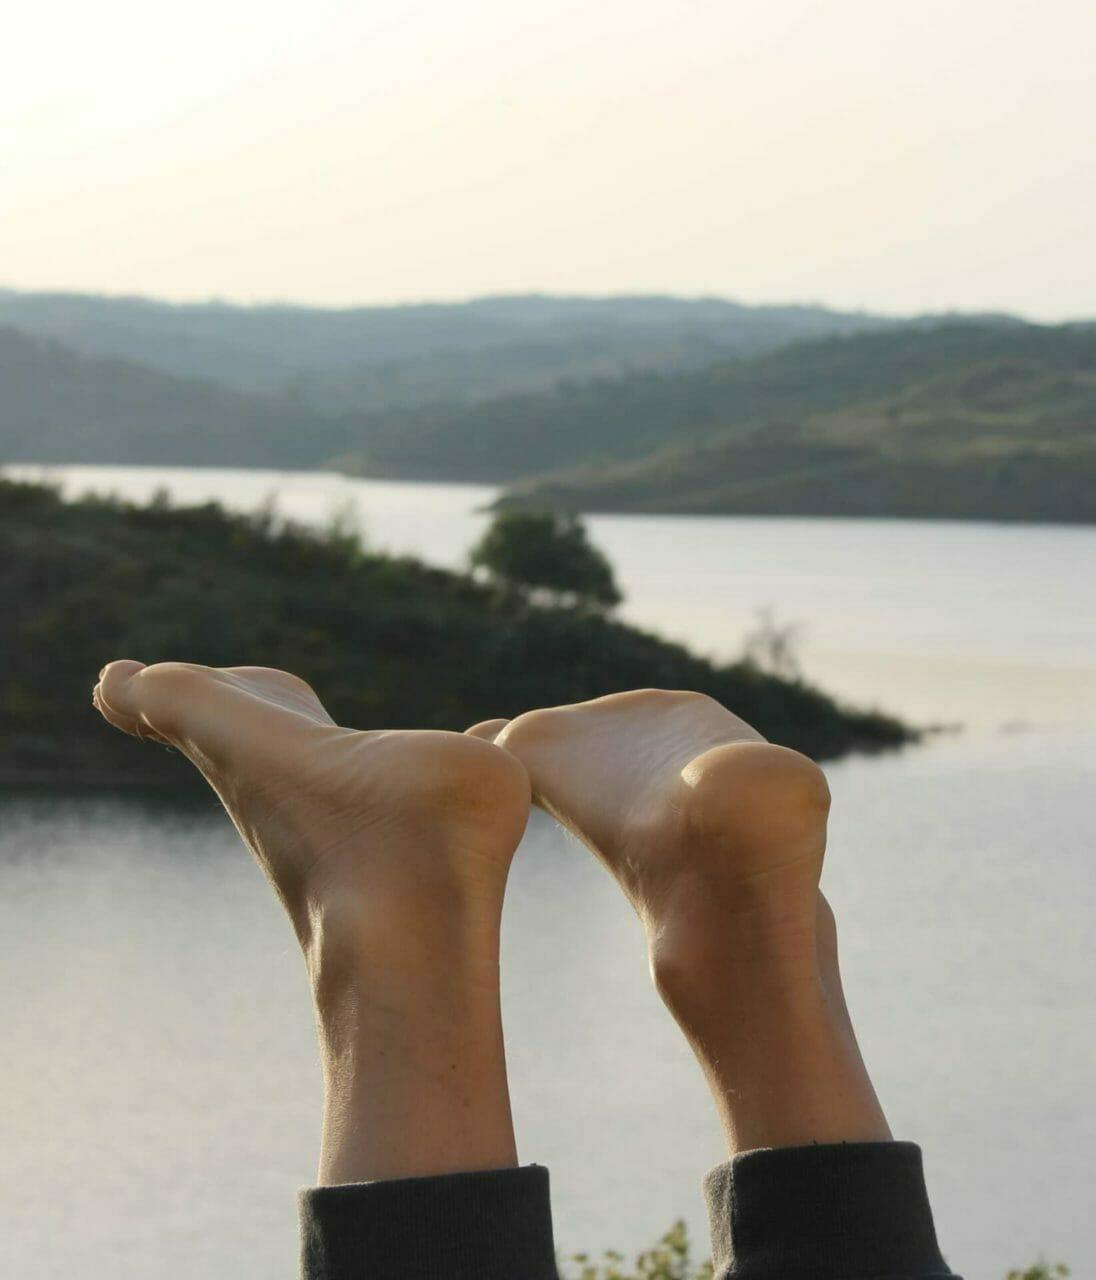 YogaUrlaub - Füße hoch im entspannten Schulterstand